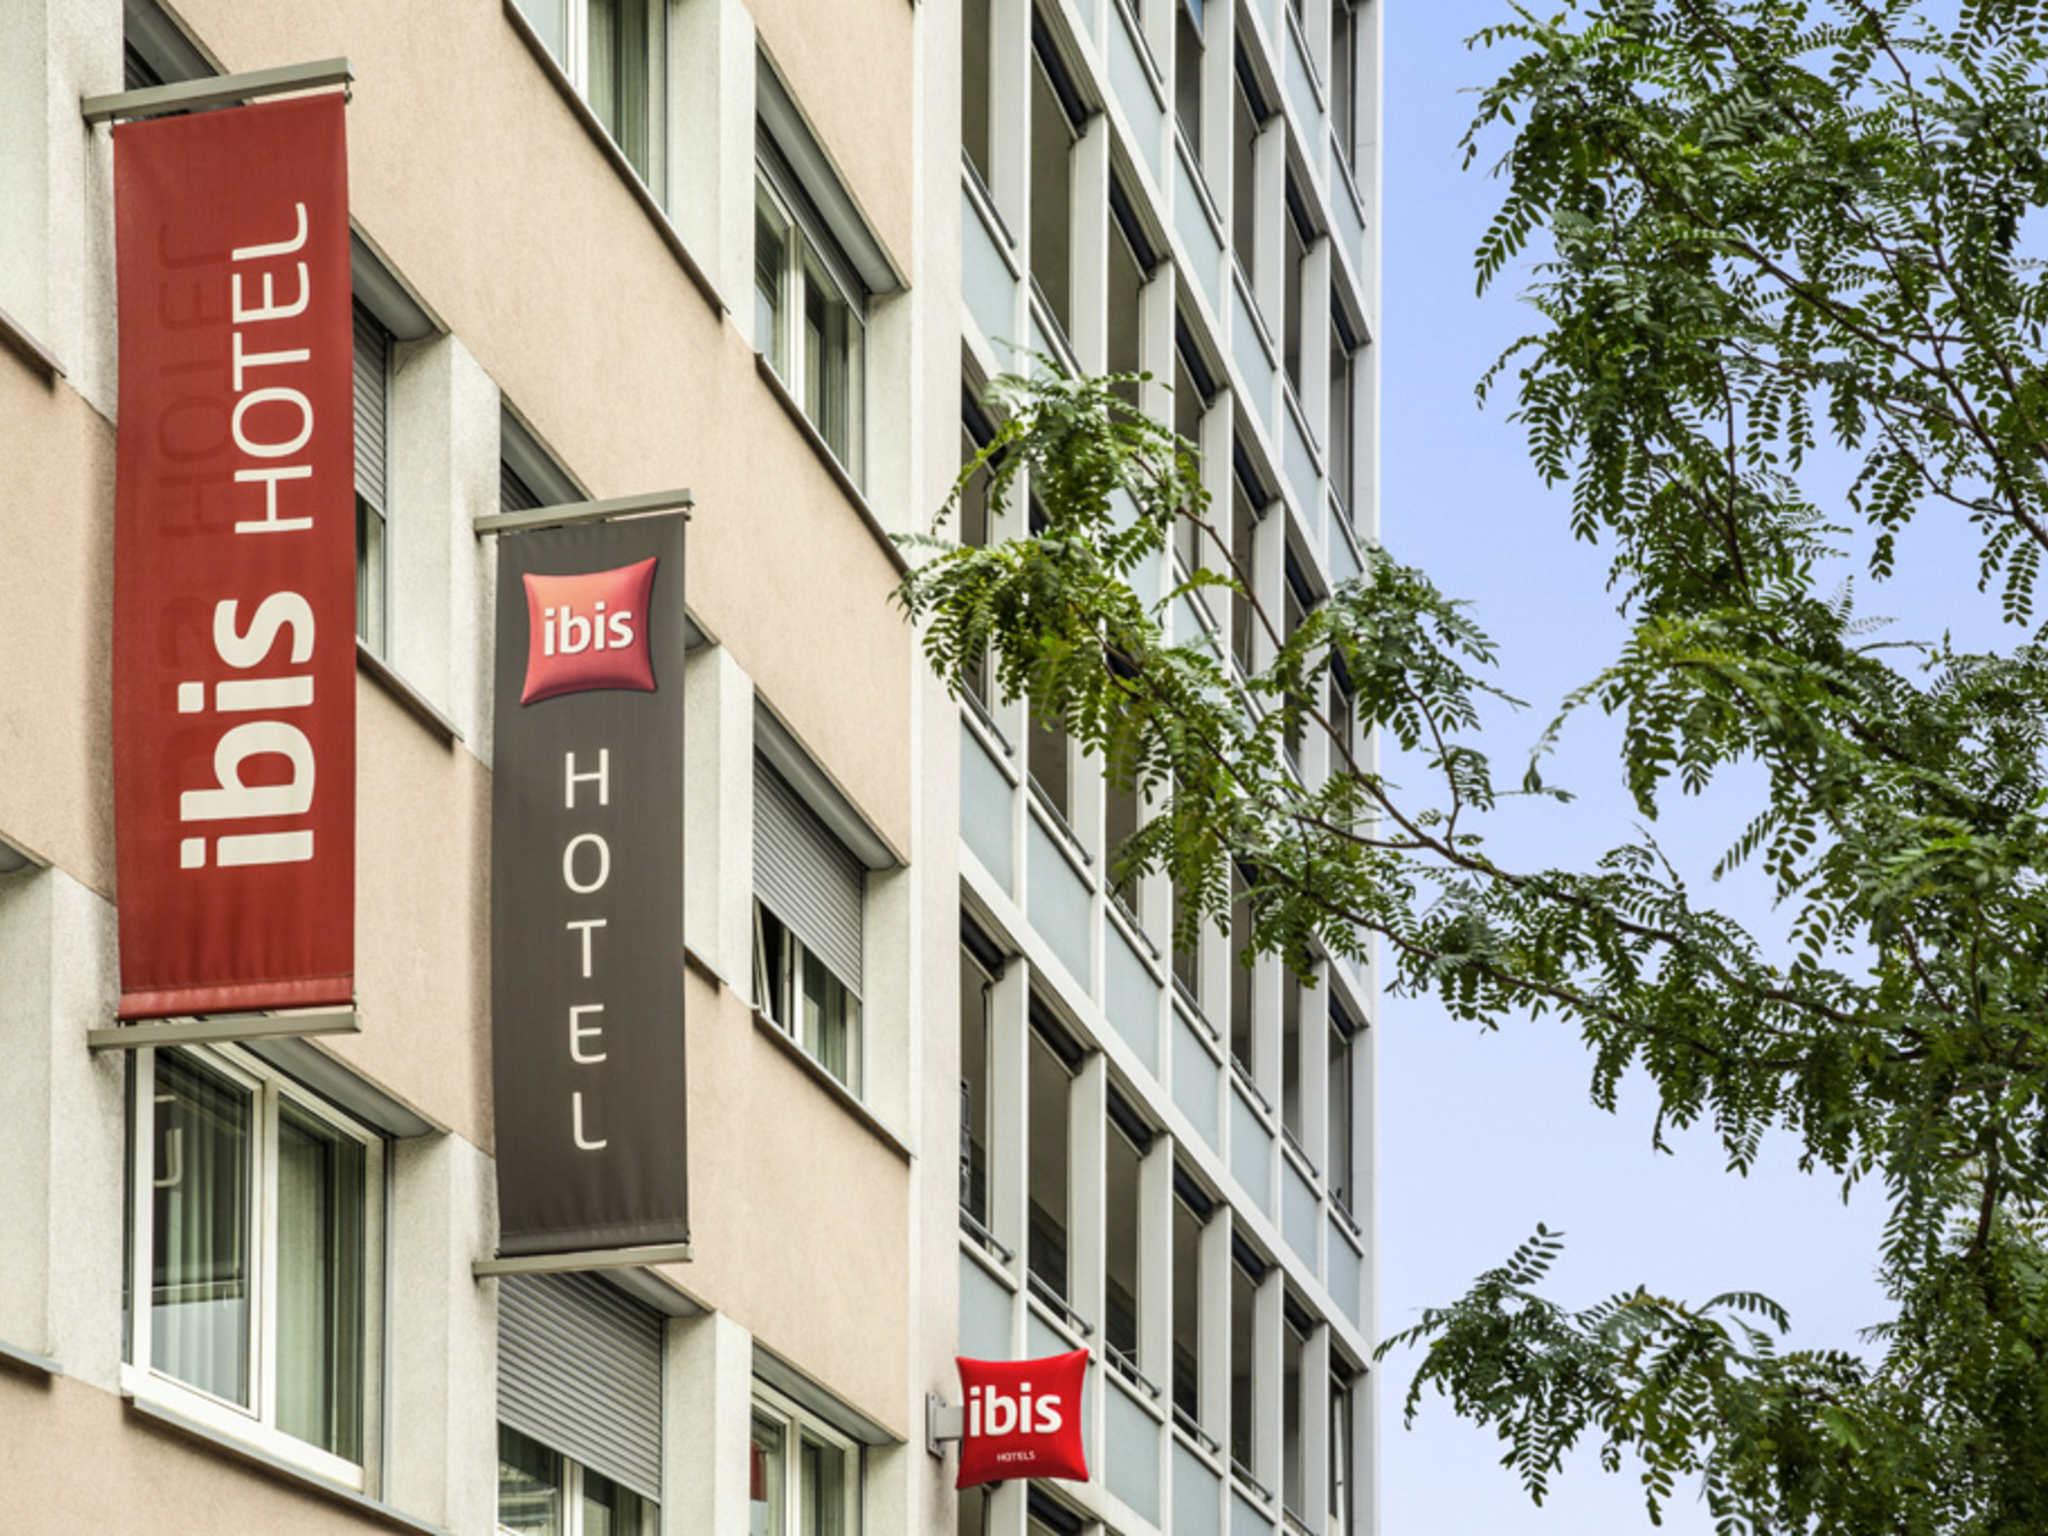 Otel – ibis Geneve Centre Gare